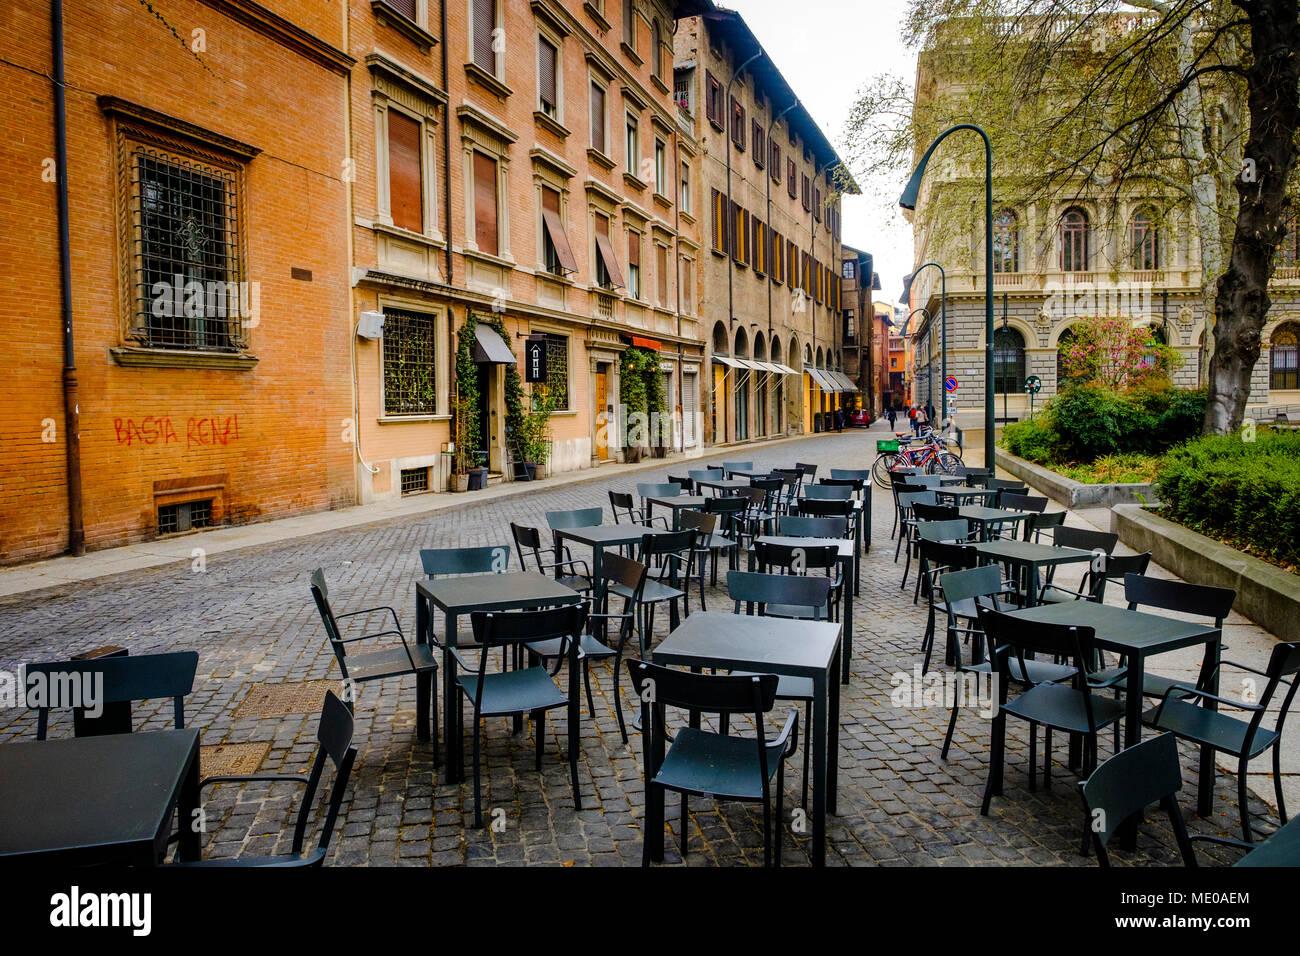 La Mattina Presto E Svuotare I Tavoli E Le Sedie In Piazza Minghetti Bologna Italia Foto Stock Alamy